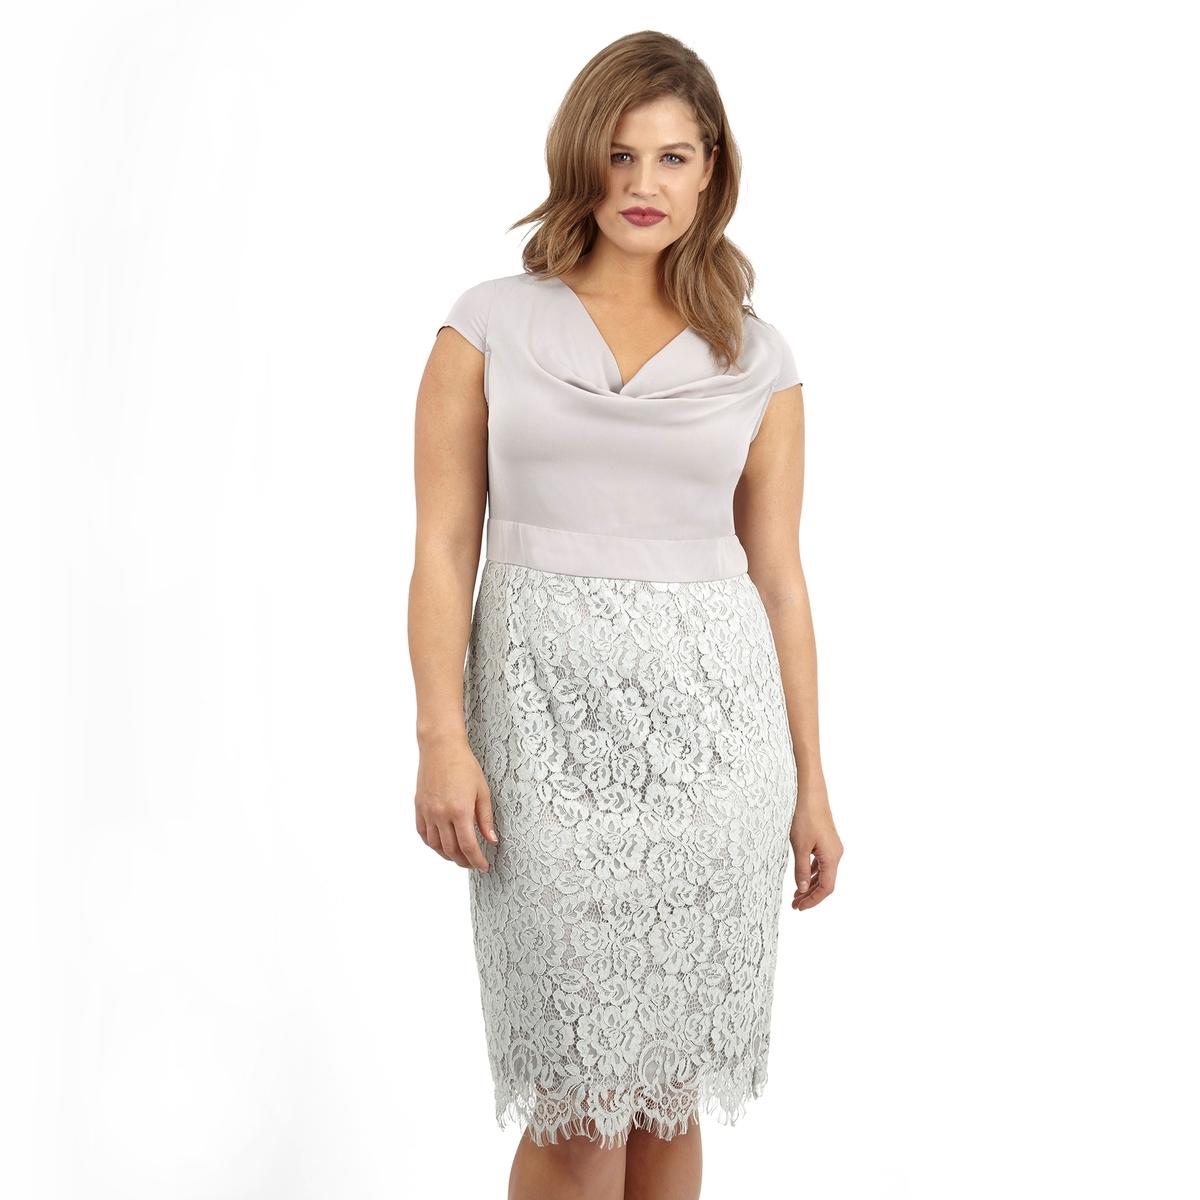 ПлатьеПлатье без рукавов LOVEDROBE. Красивый V-образный вырез. Отделка низа кружевом. 100% полиэстер.<br><br>Цвет: серый<br>Размер: 44 (FR) - 50 (RUS)